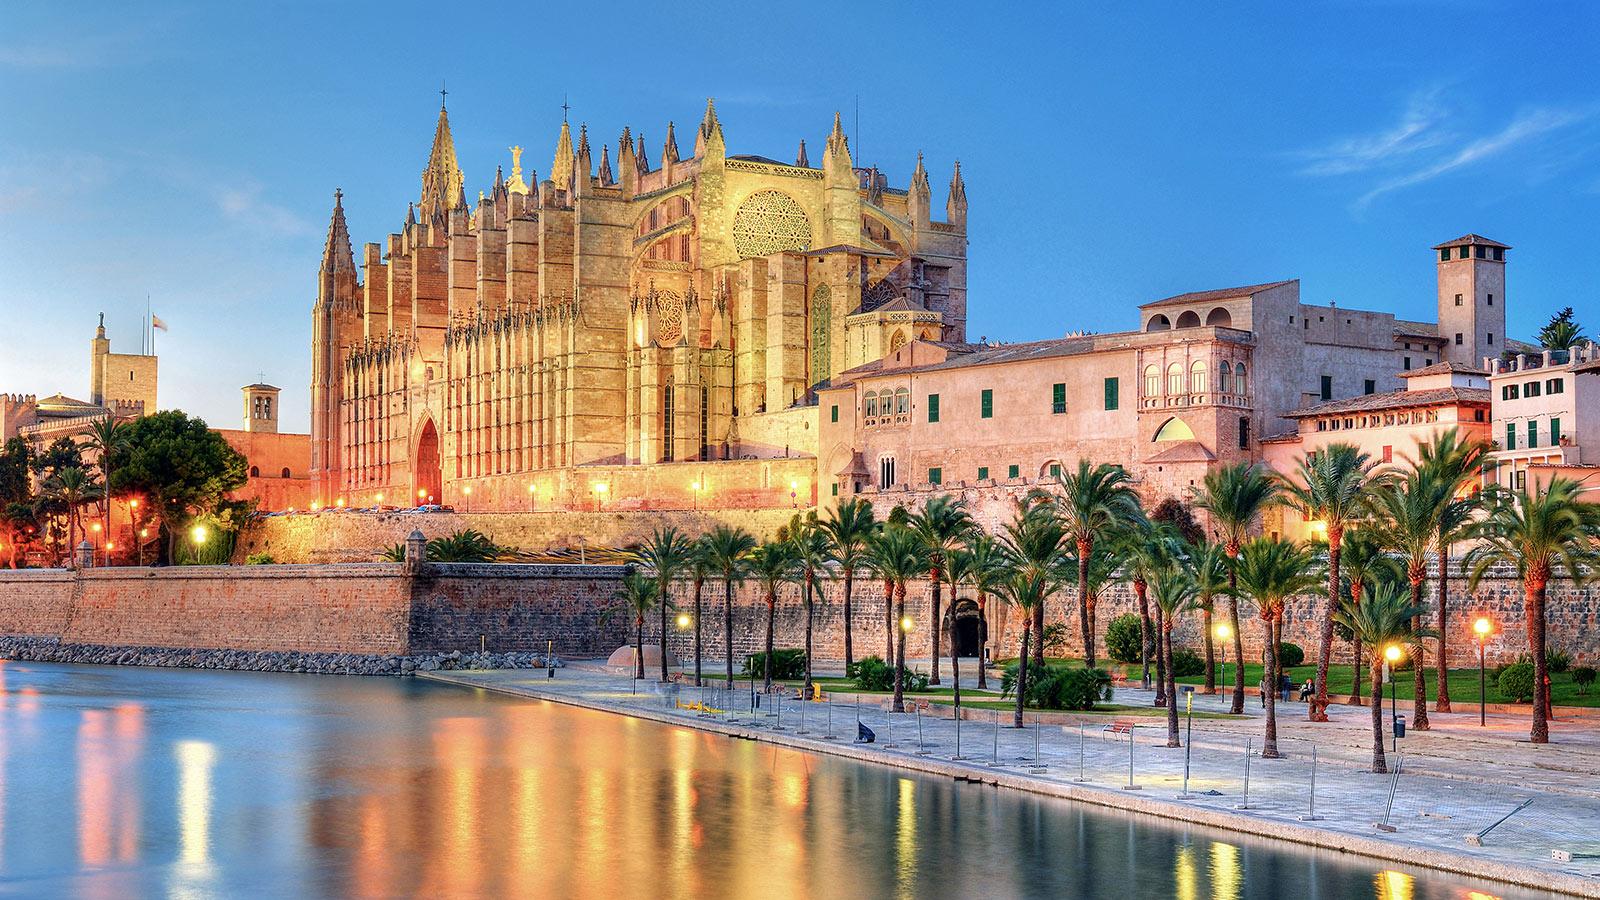 Alquiler venta renting coches de lujo en Palma de Mallorca